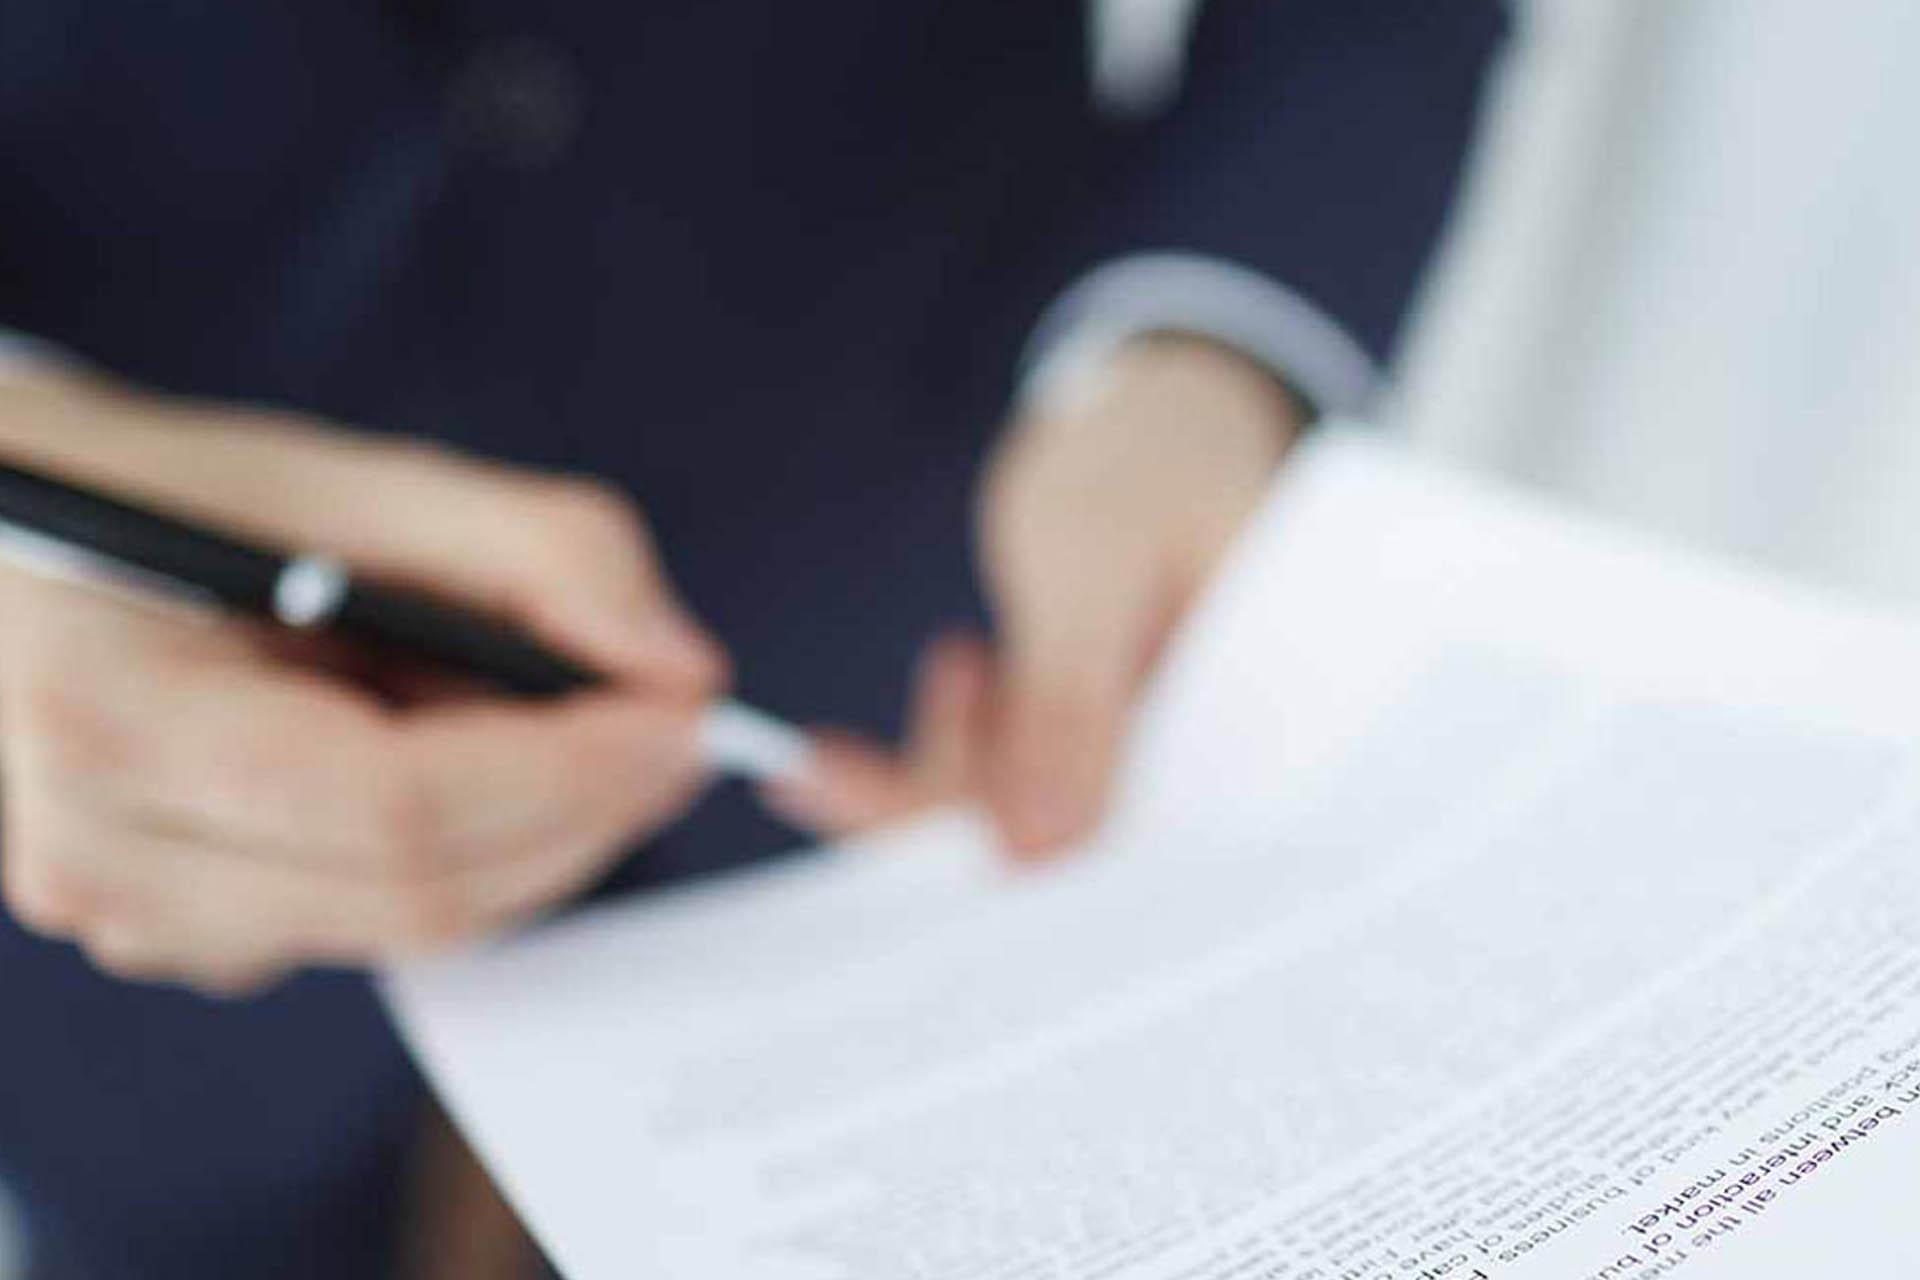 O que é importante saber sobre contratos de confidencialidade e sigilo?